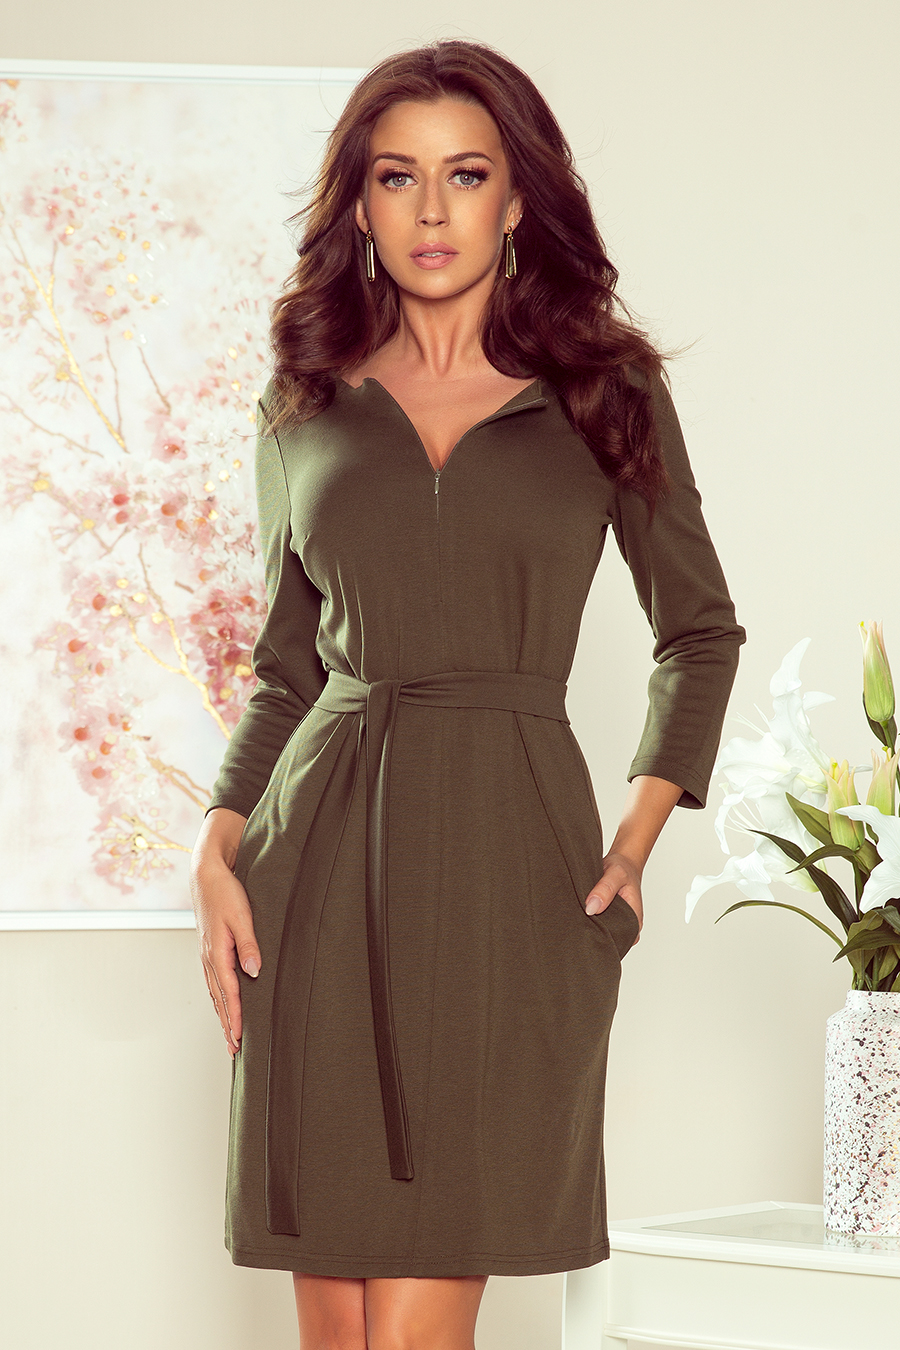 Dámské šaty v khaki barvě se zipem model 7817555 S